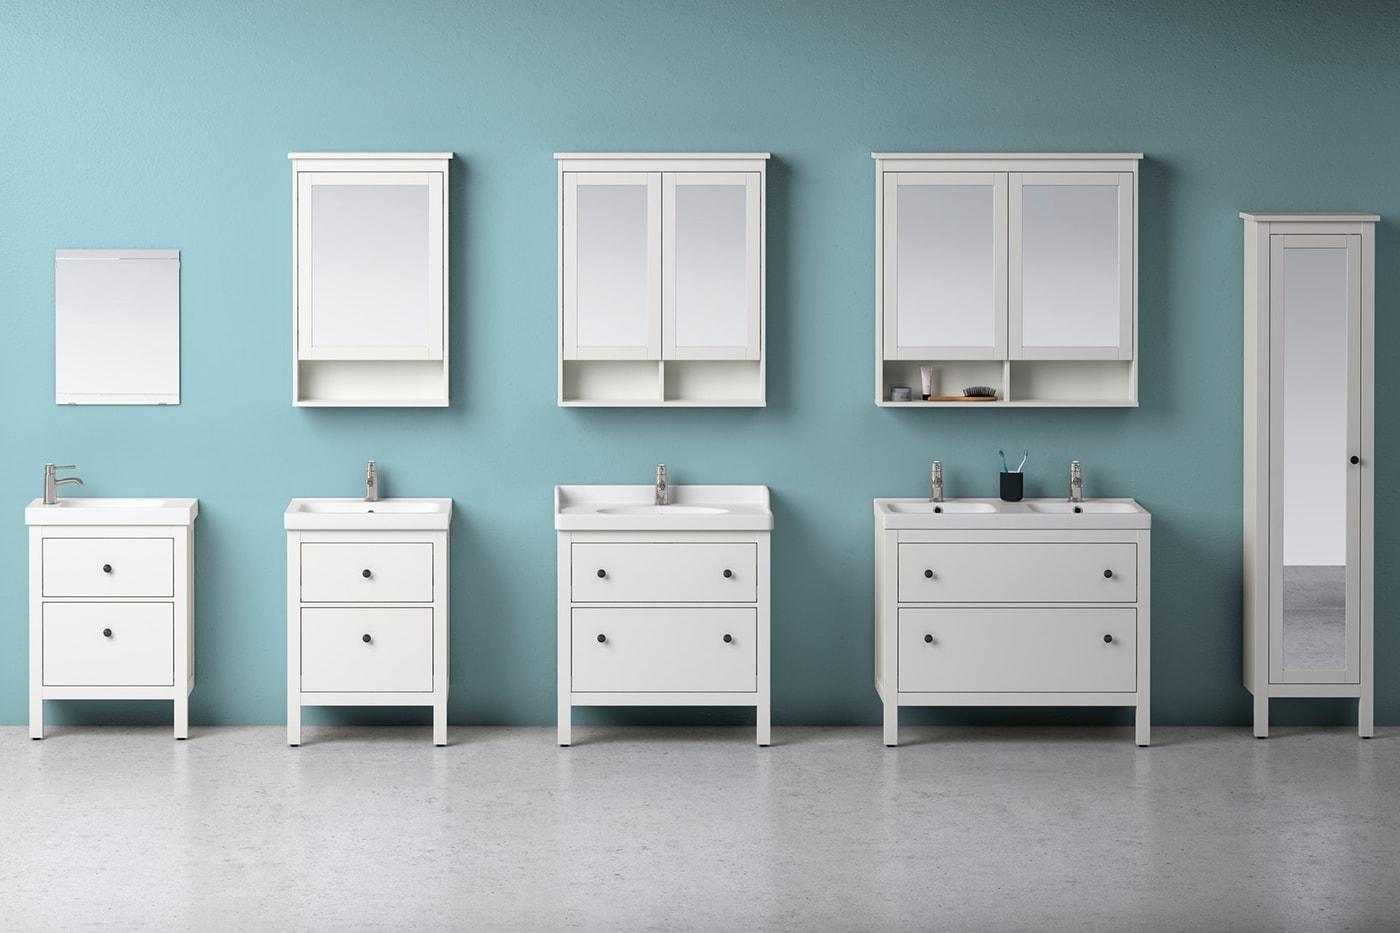 Badezimmer mit weißen Möbeln & blauer Wand - eingerichtet mit der HEMNES Badezimmerserie.